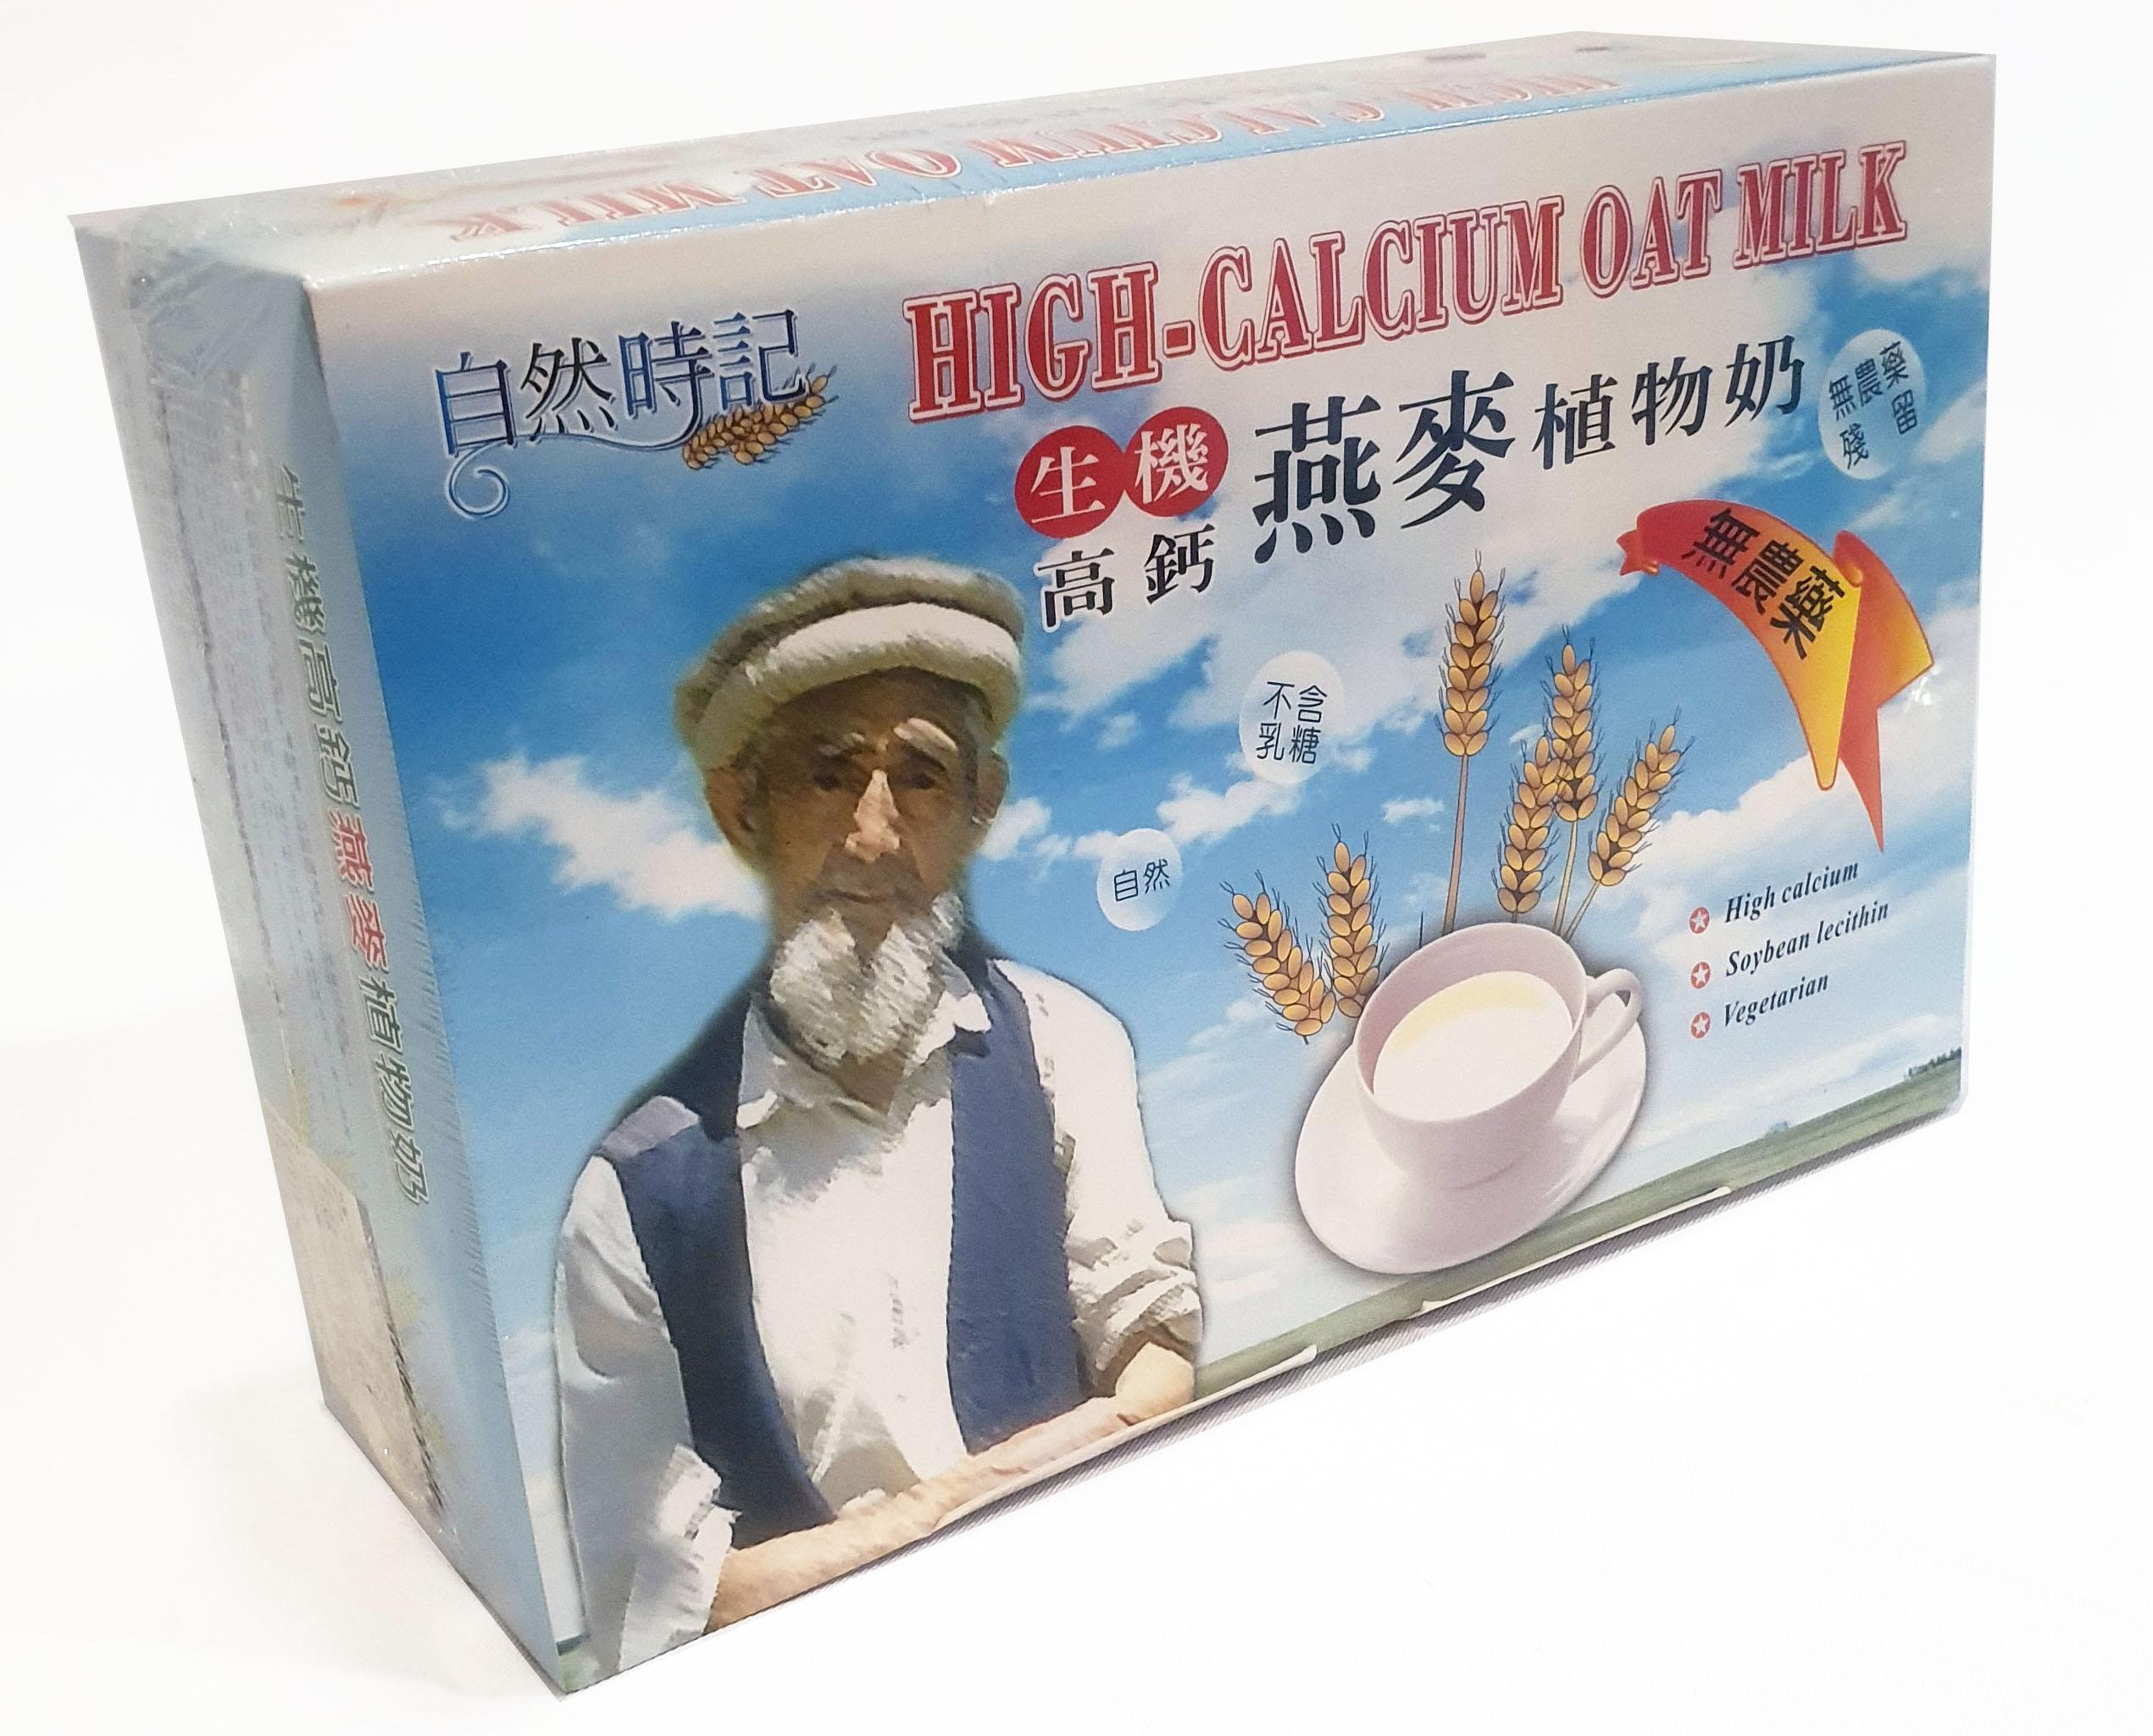 森森生機天然食品 自然時記 生機高鈣燕麥植物奶 25gx32包/ 盒 (台灣製造)